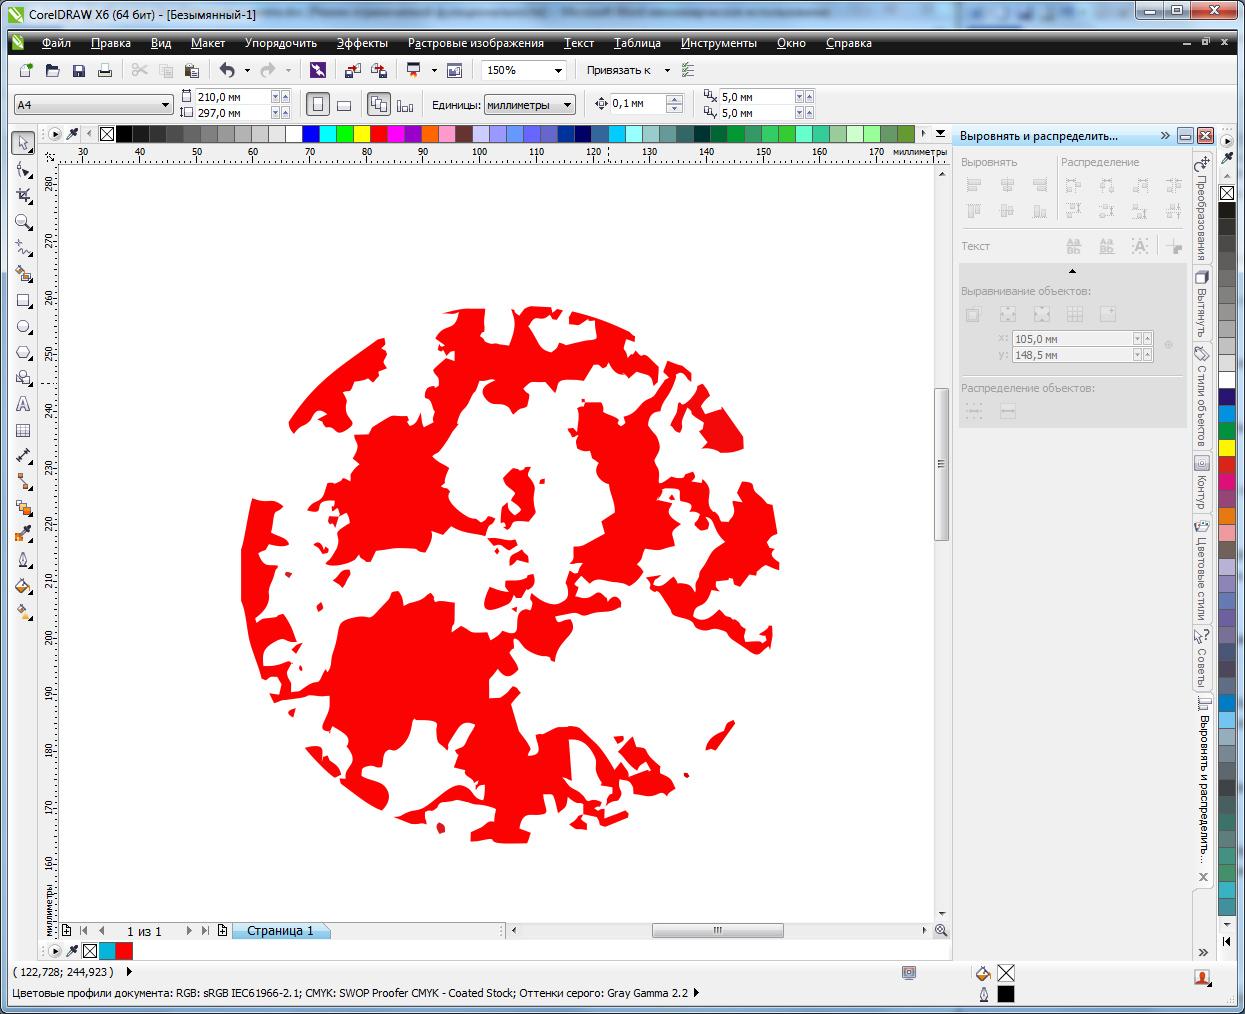 coreldraw создание векторного рисунка